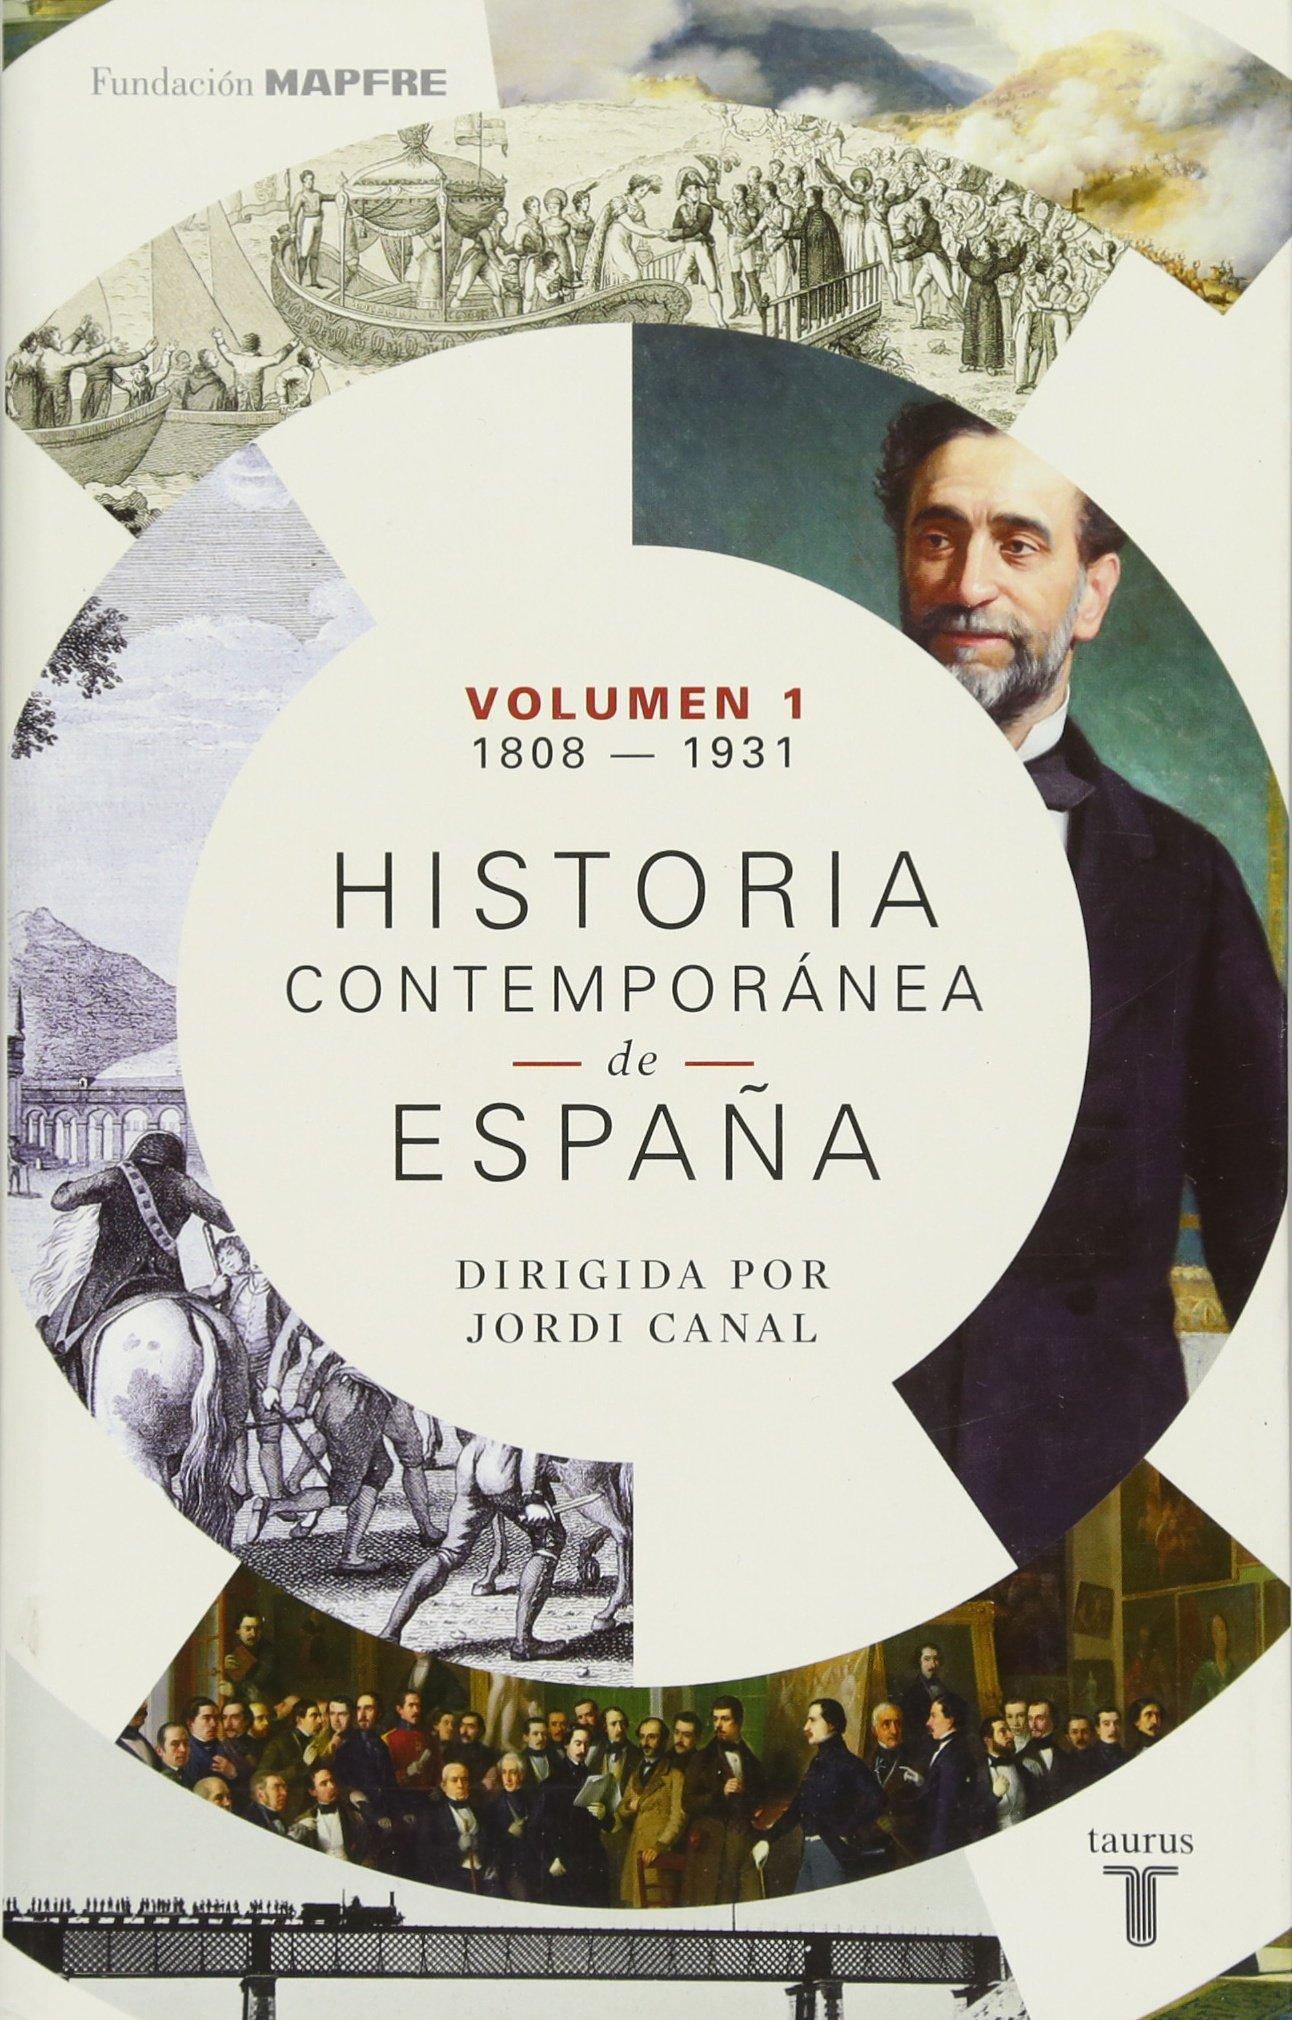 Historia contemporánea de España Volumen I: 1808-1931: Amazon.es: Varios autores: Libros